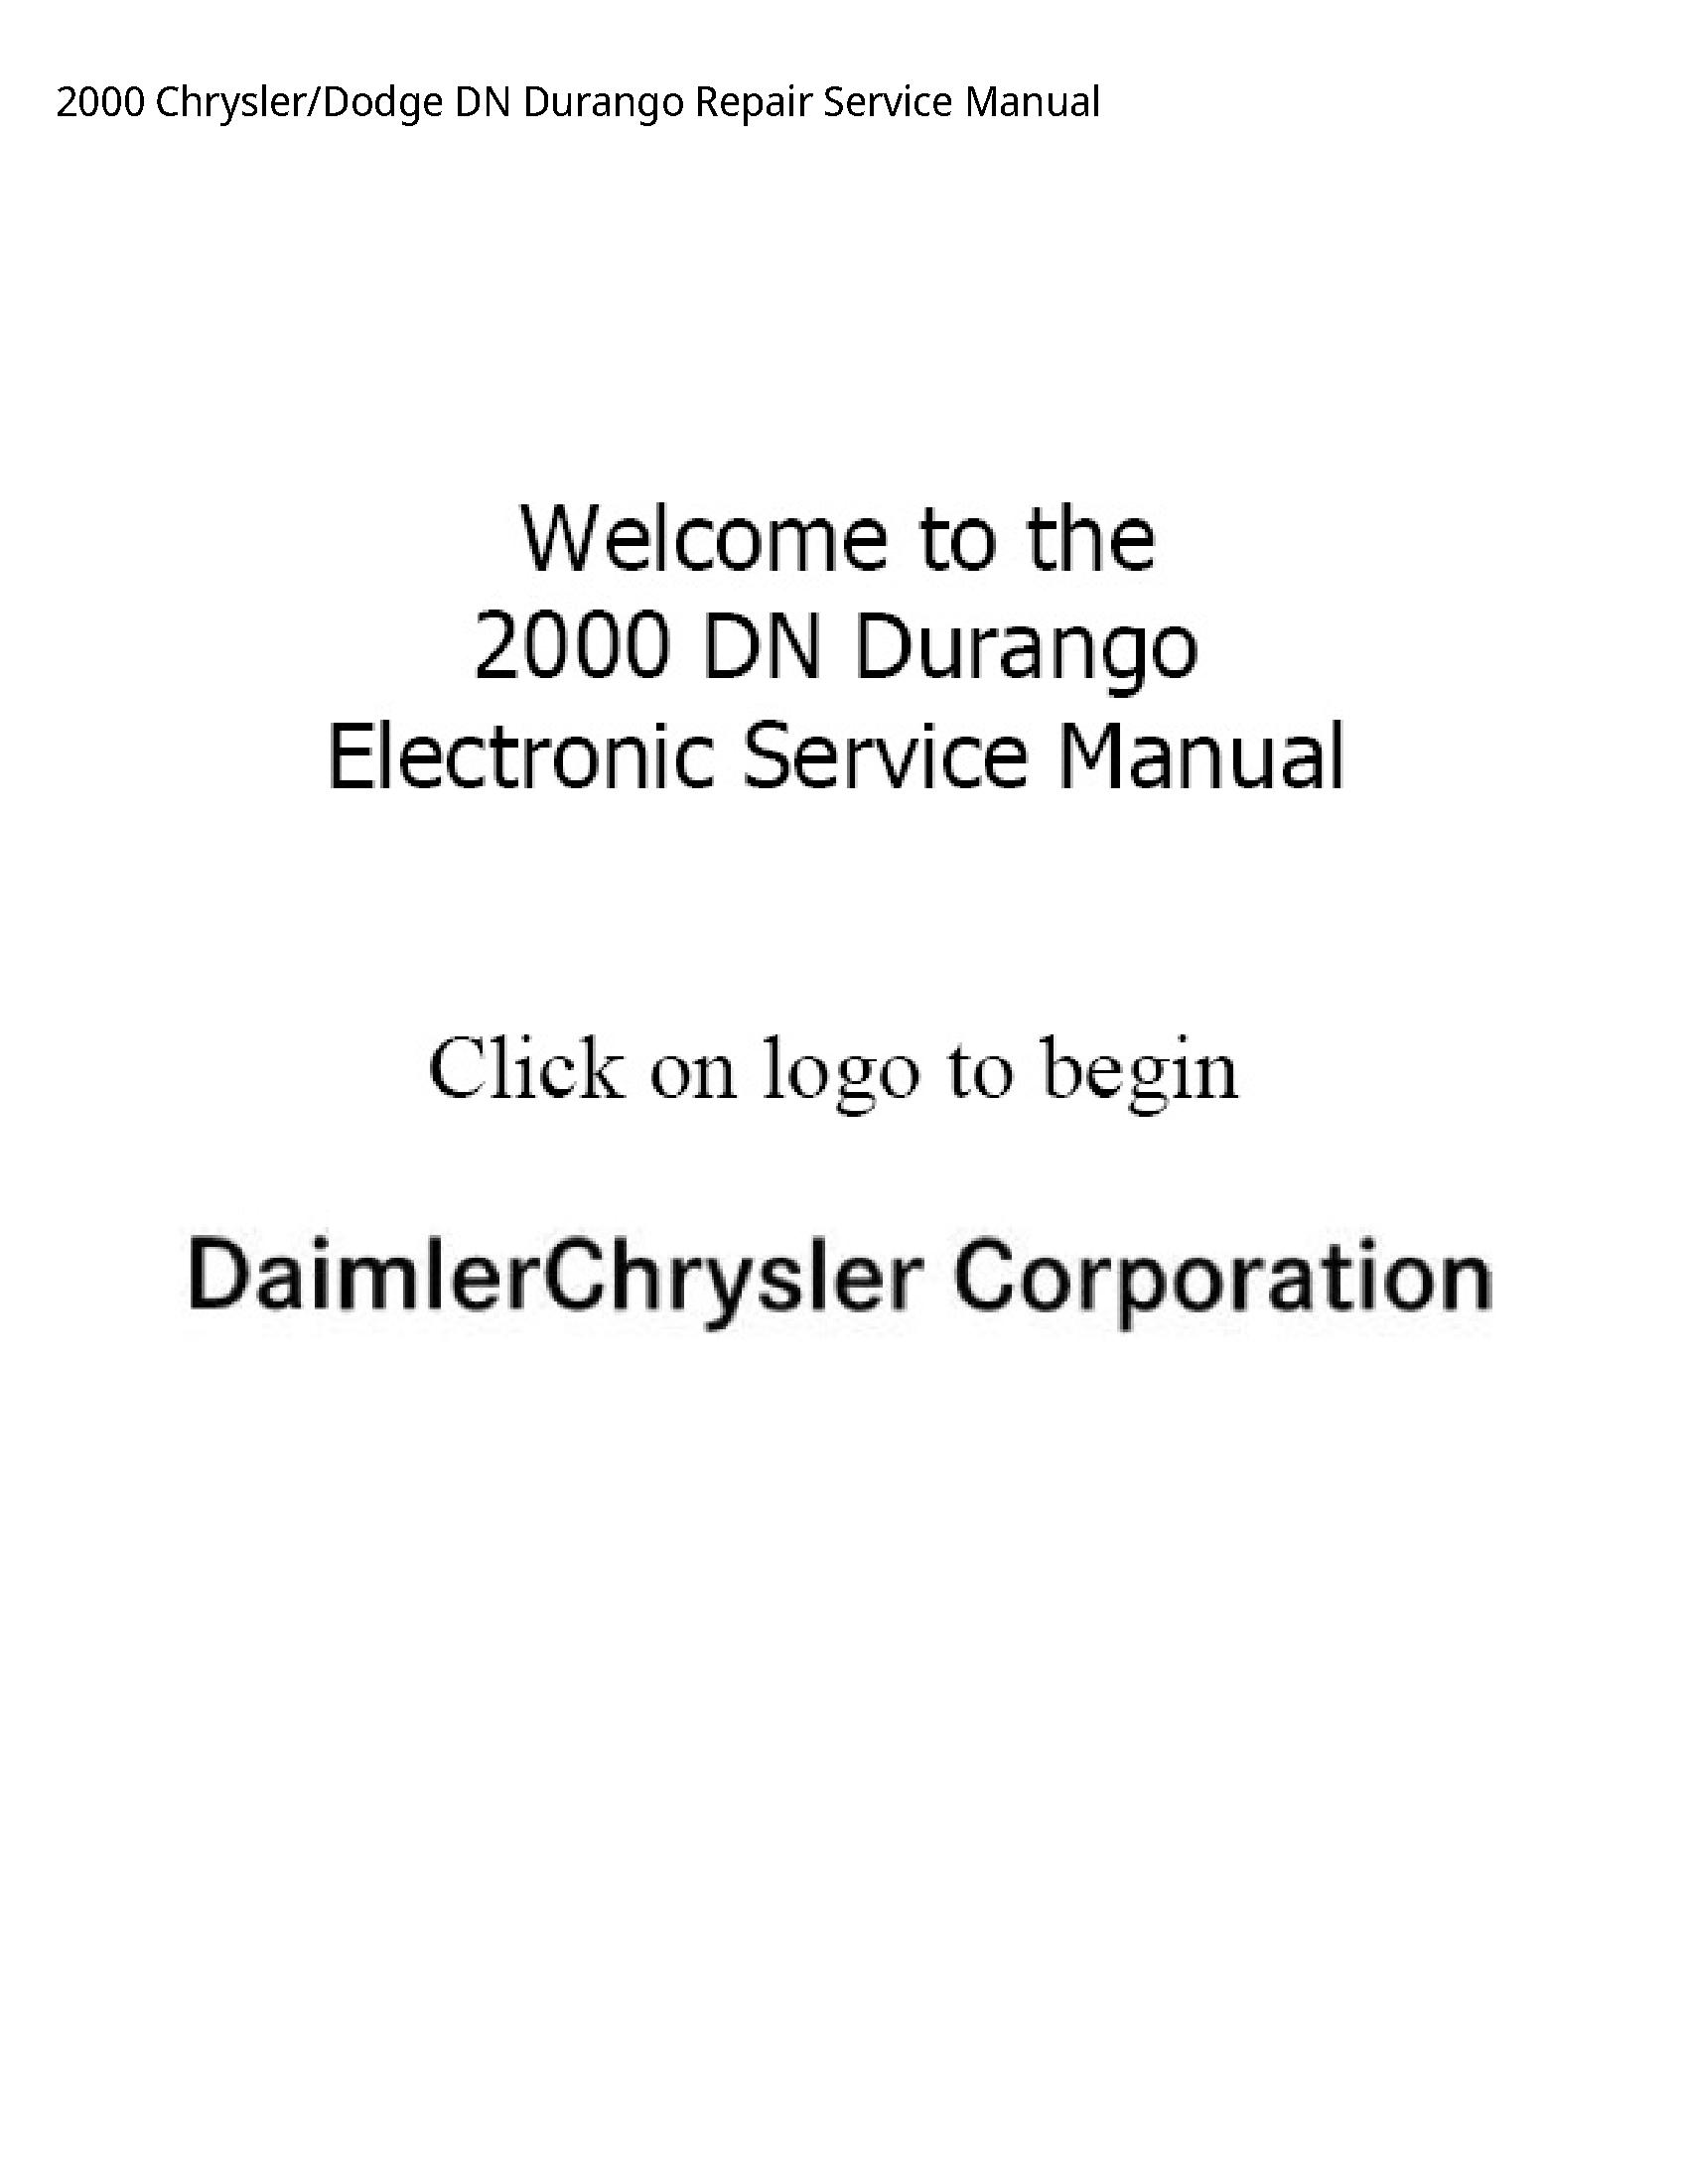 Chrysler /Dodge DN Durango Repair Service manual